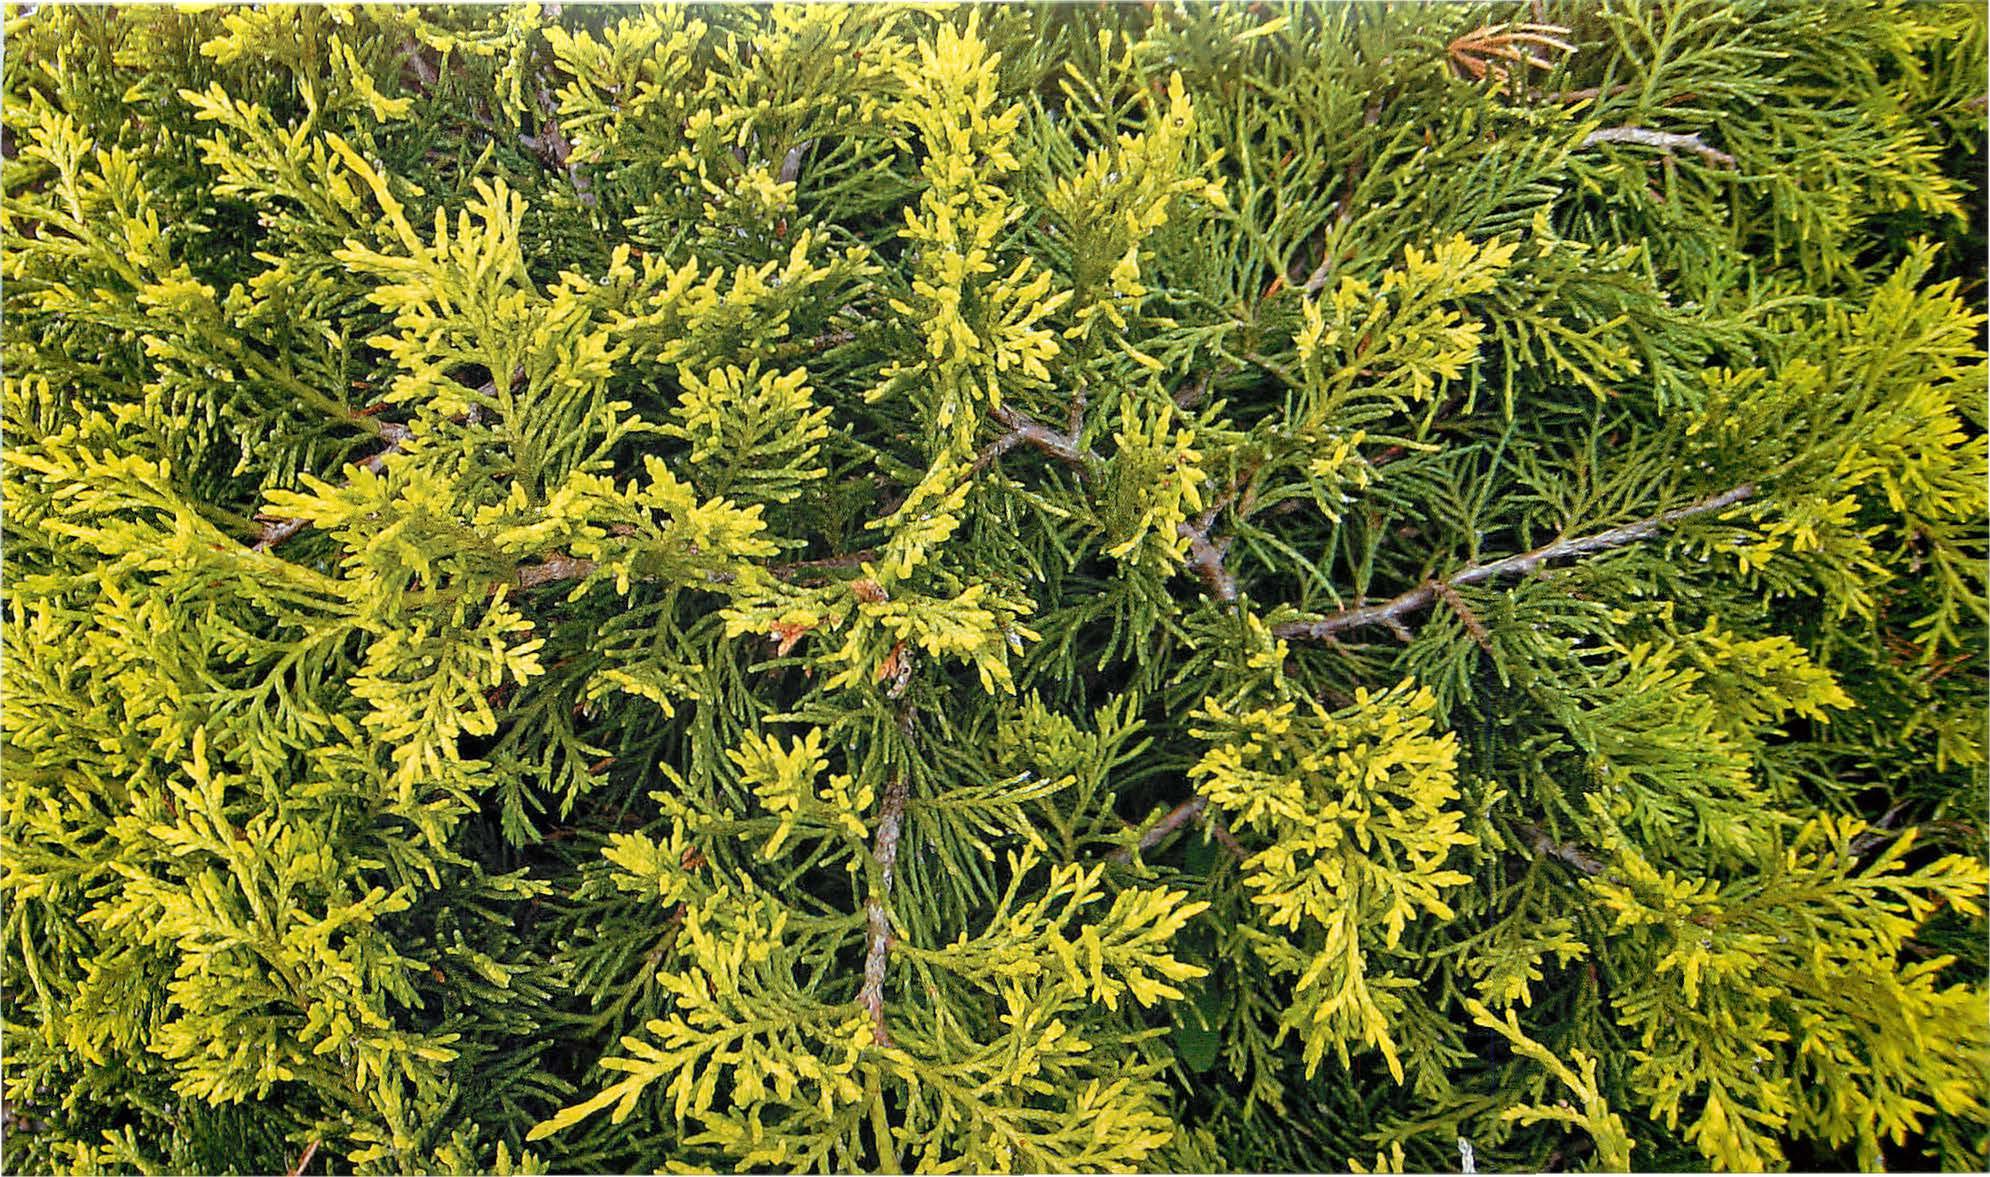 Можжевельник олд голд: описание, уход, место для выращивания